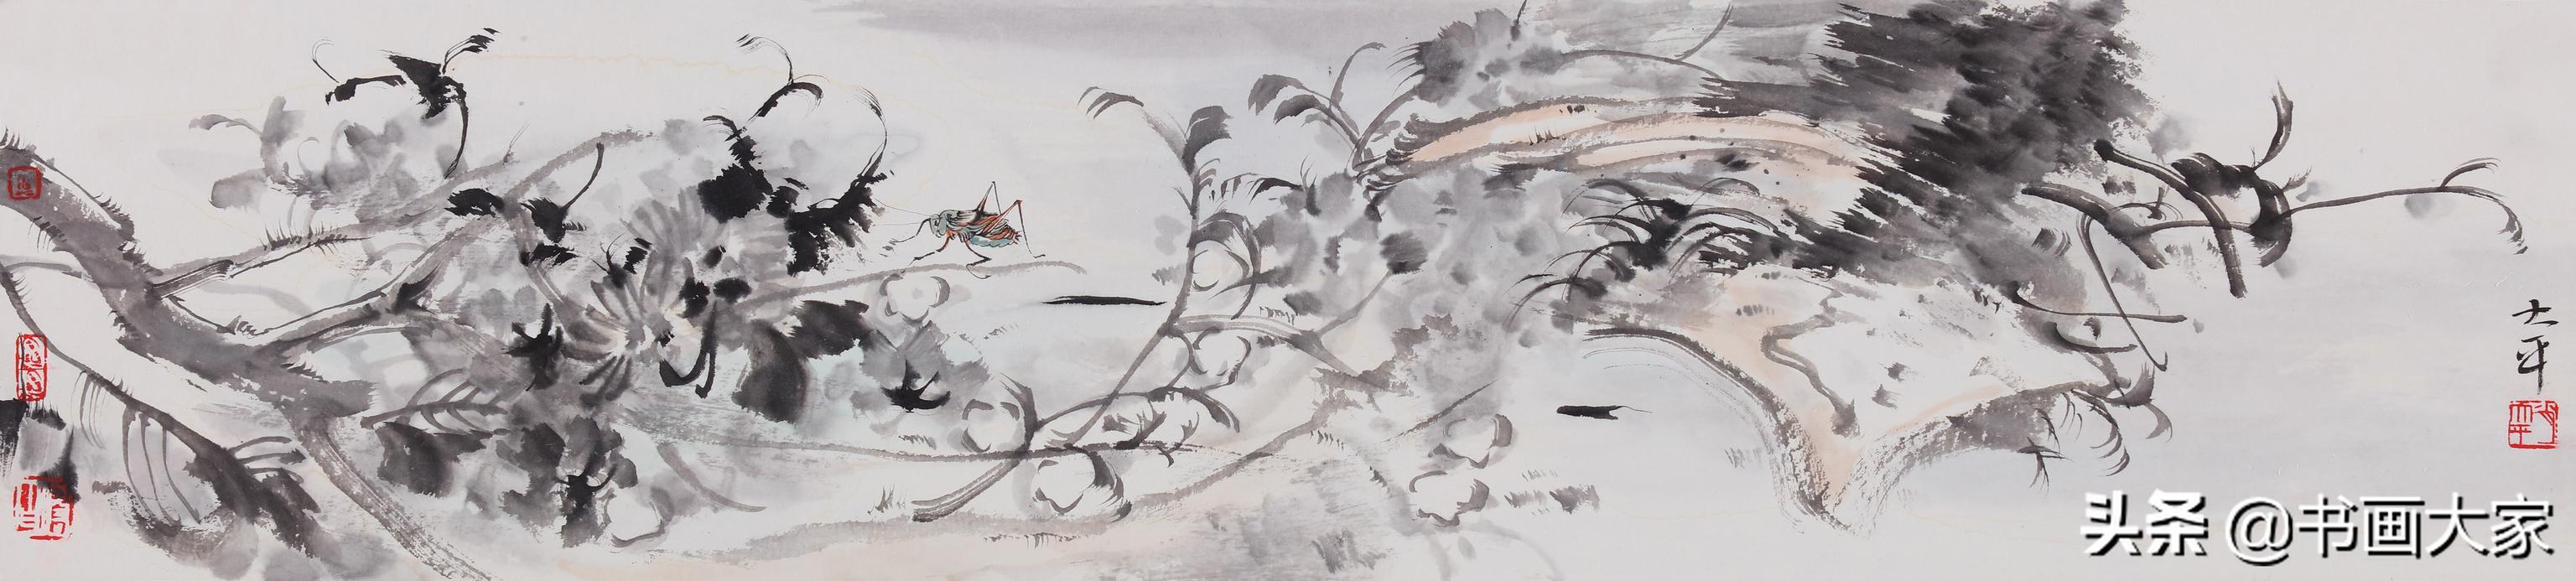 花鸟寓意,花鸟,花鸟画,差一个字,意义却有着天壤之别的差距